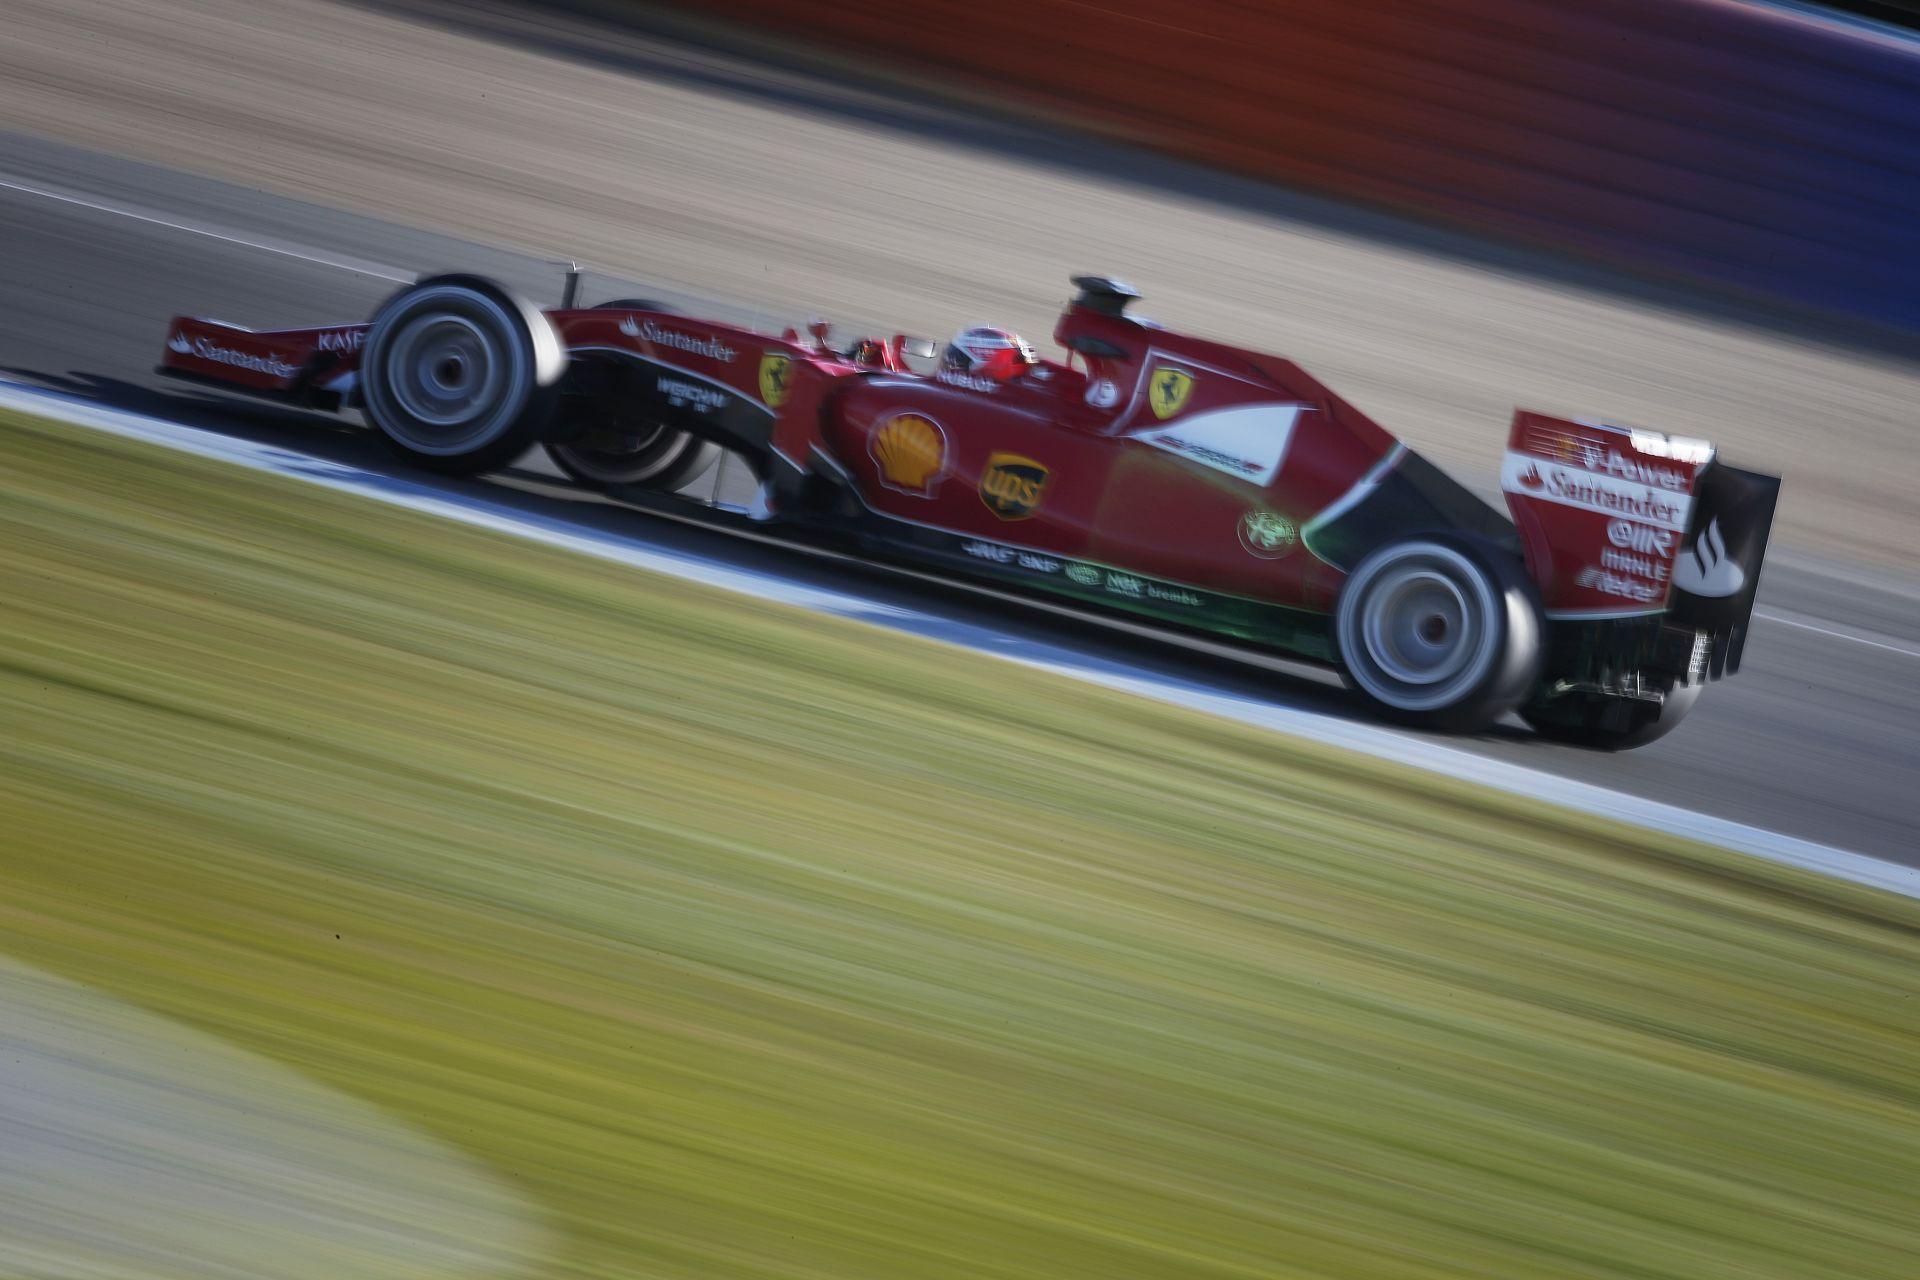 """Újabb """"Ferrari-parádé"""" Jerezben! Raikkönen végzett az élen az utolsó napon, a teszt legjobb idejével"""